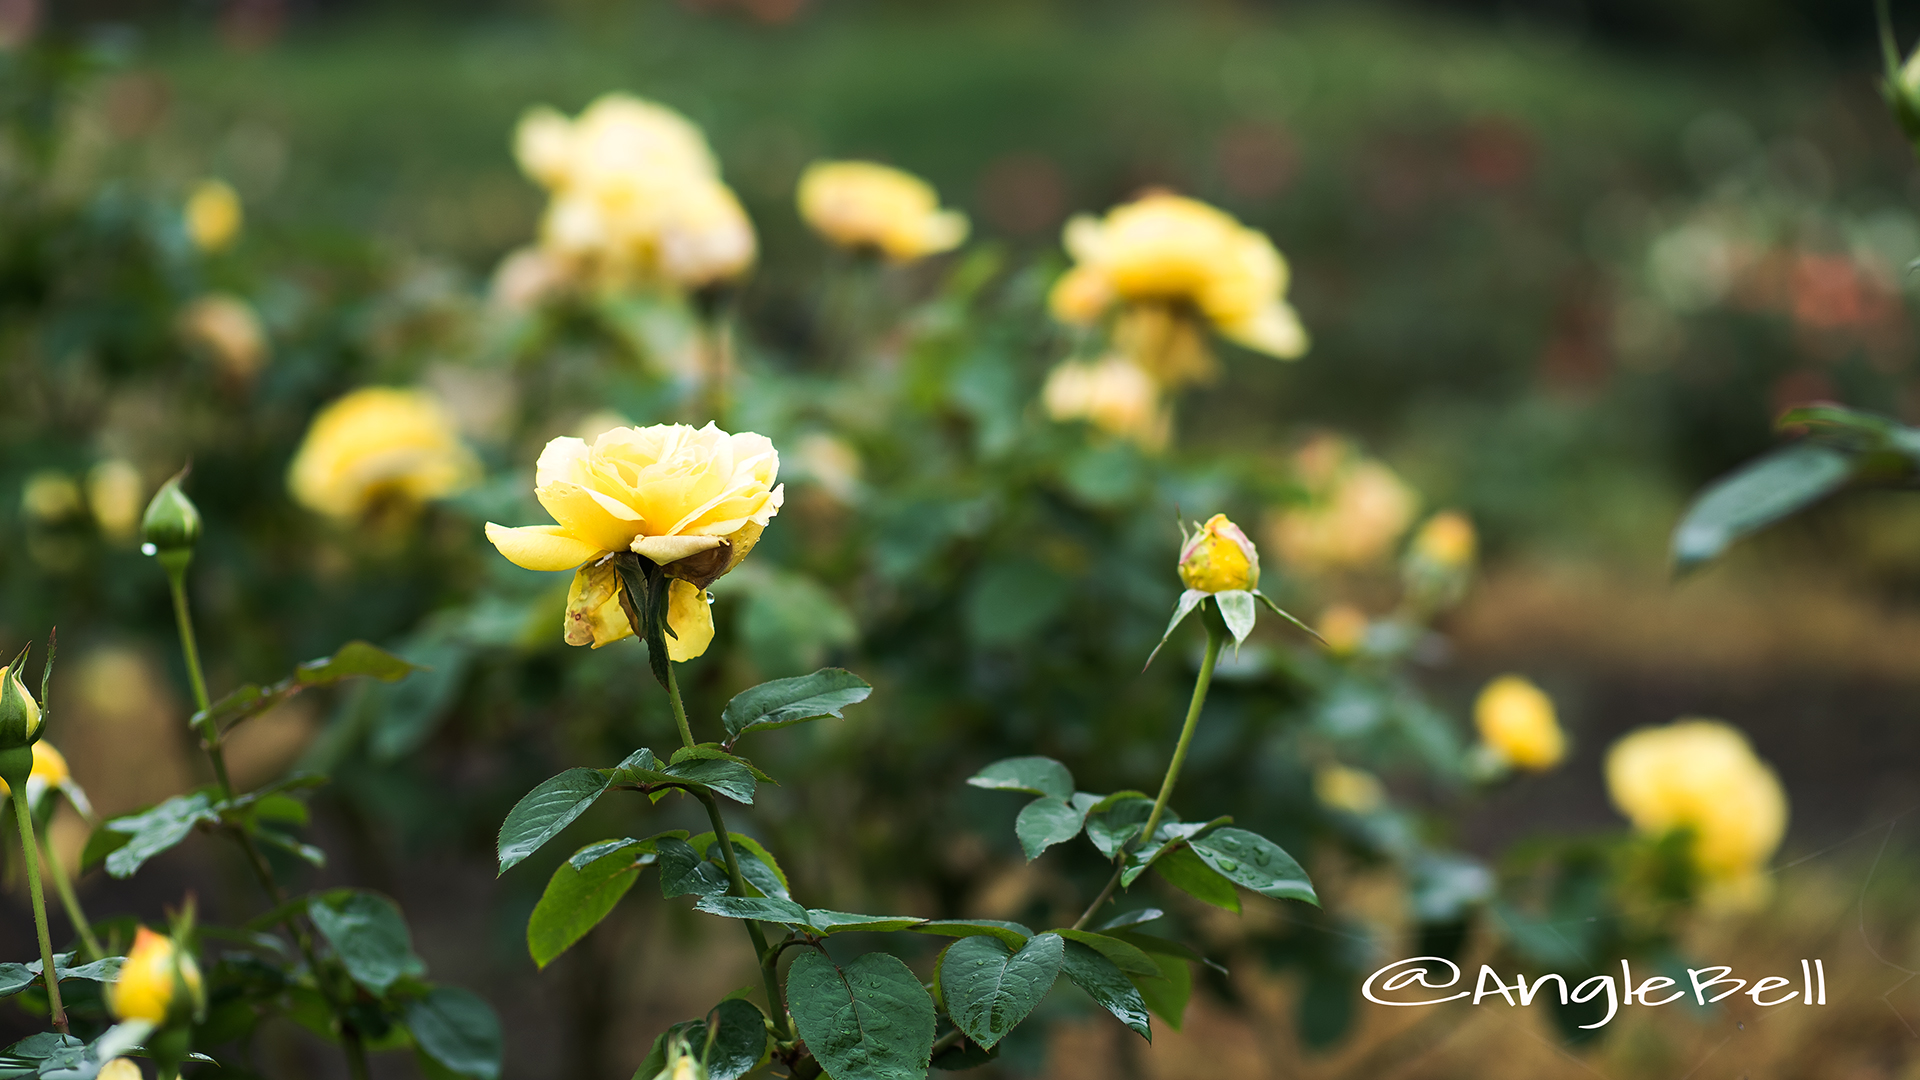 星光 Flower Photo2